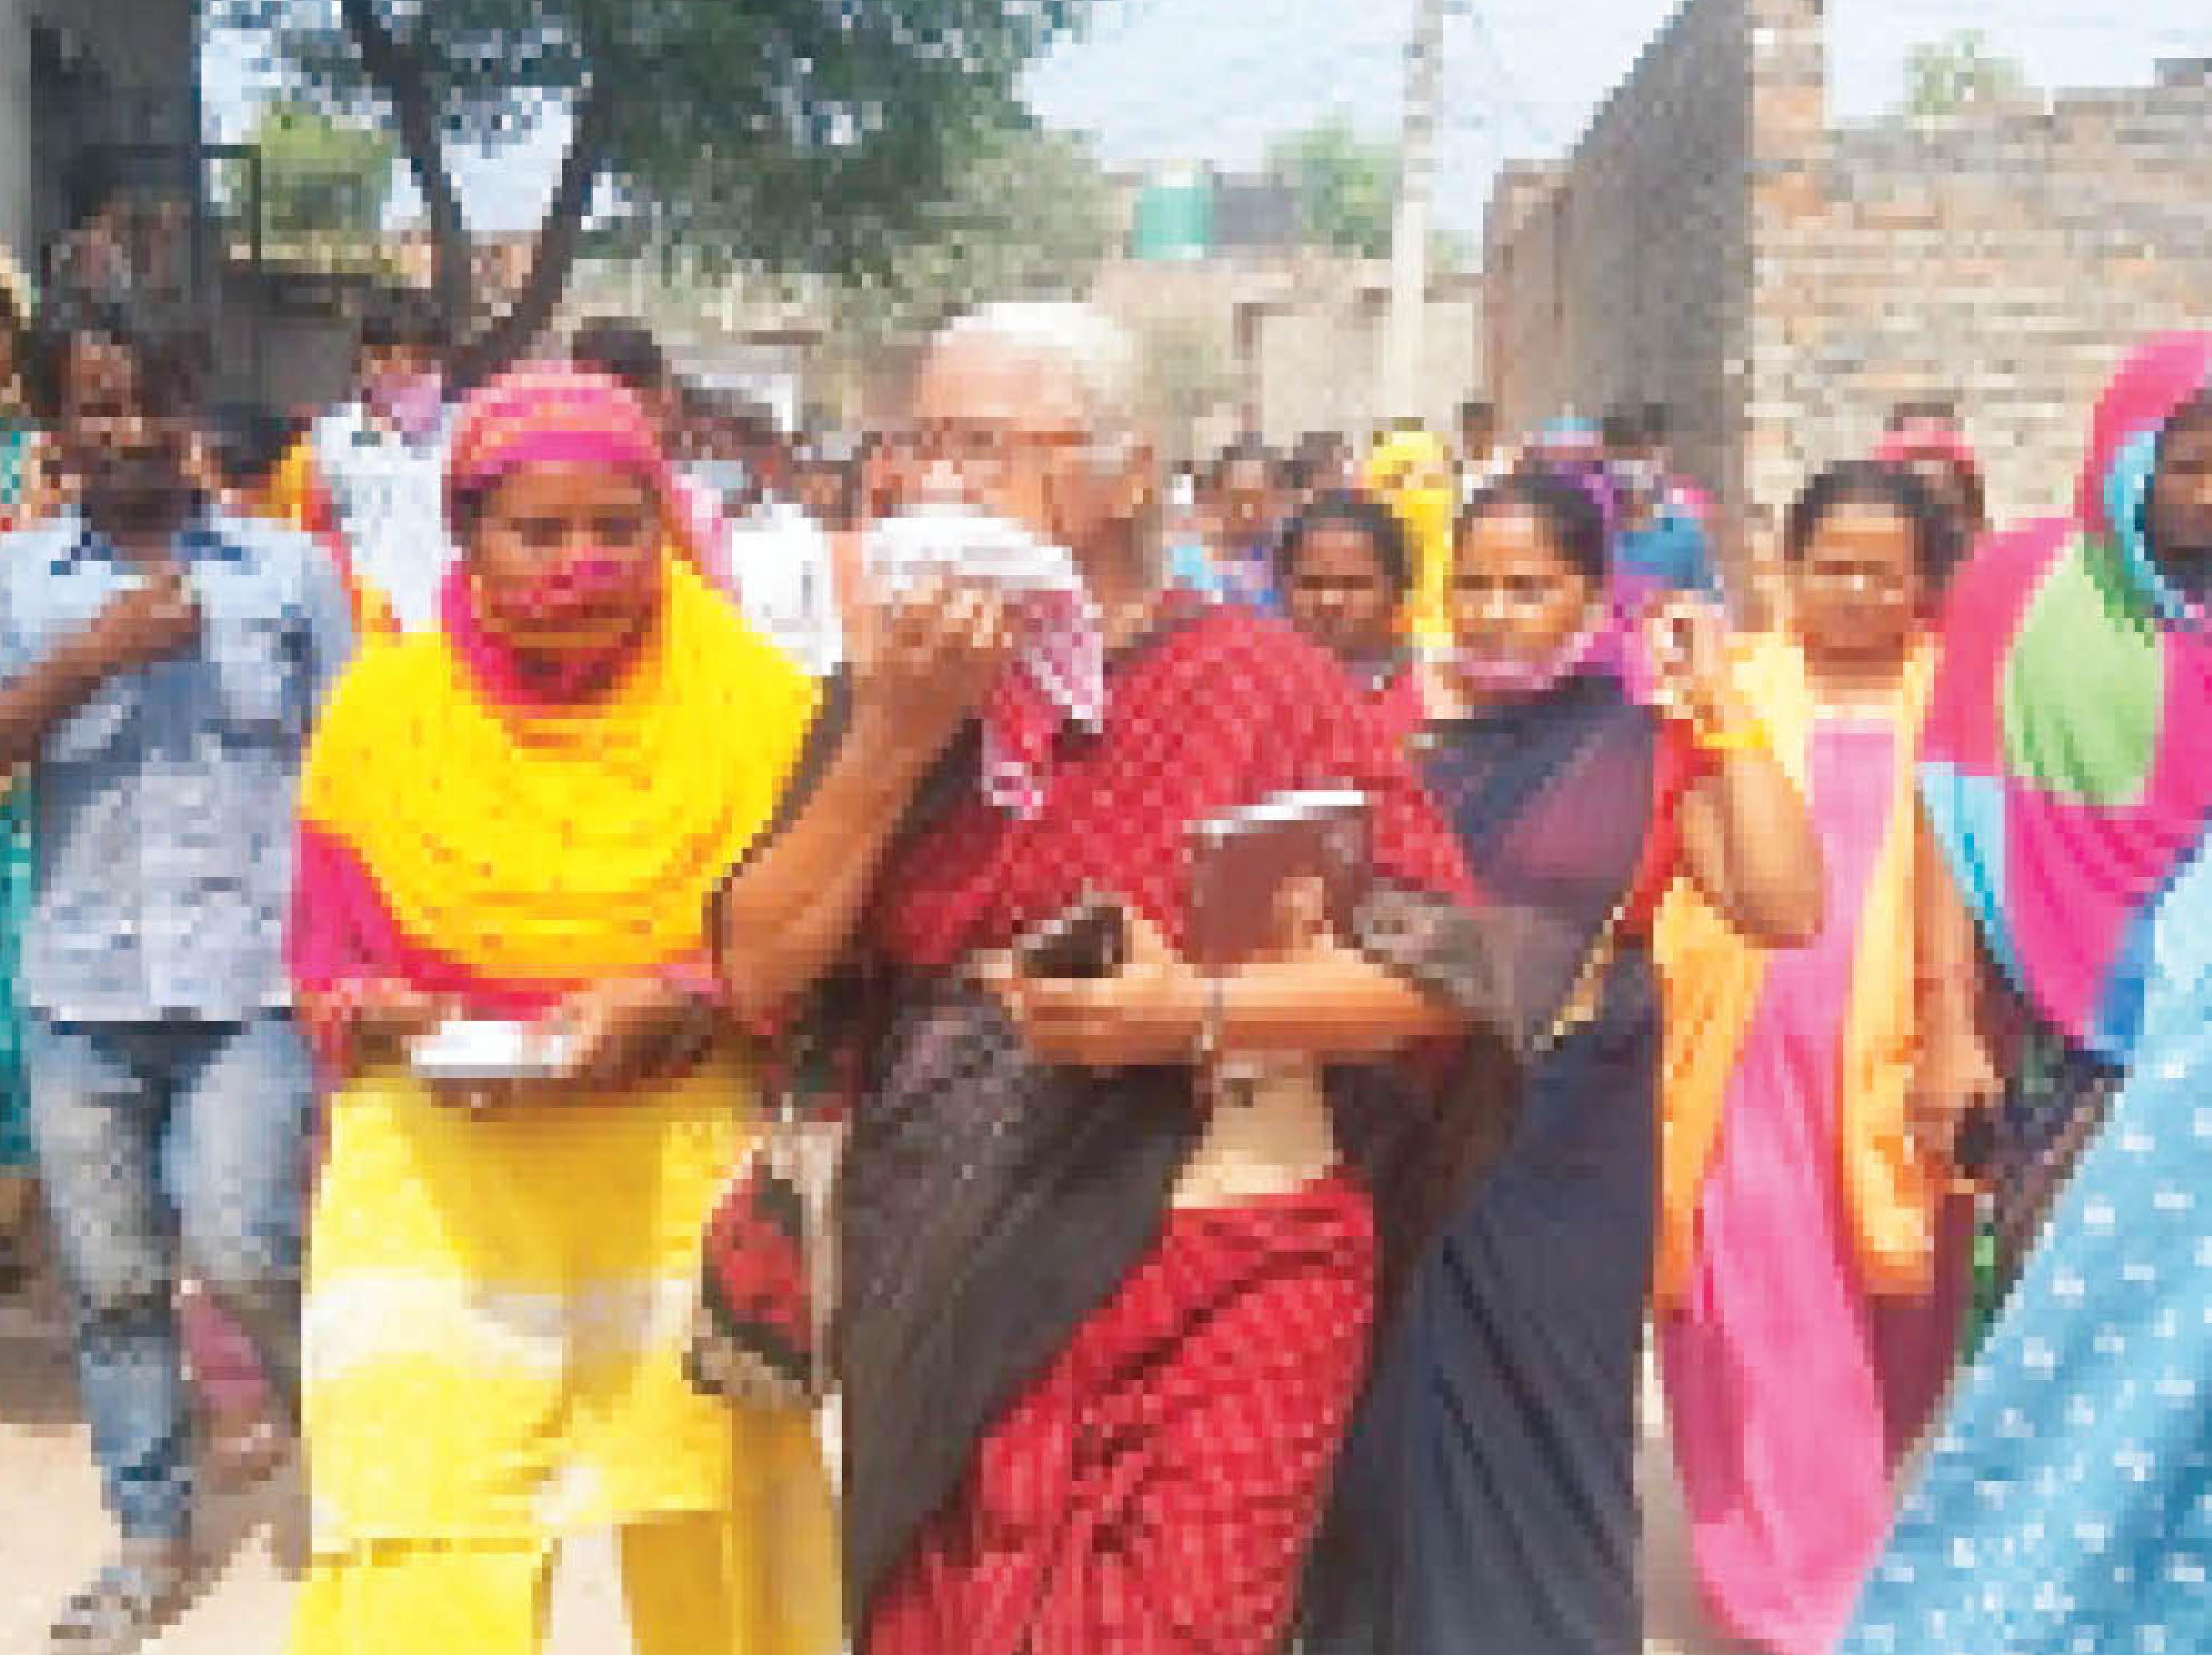 सामाजिक कार्यकर्ता मेधा पाटकर खोरी कॉलोनी का दौरा कर प्रभावित लोगों से मिलती हुईं। - Dainik Bhaskar